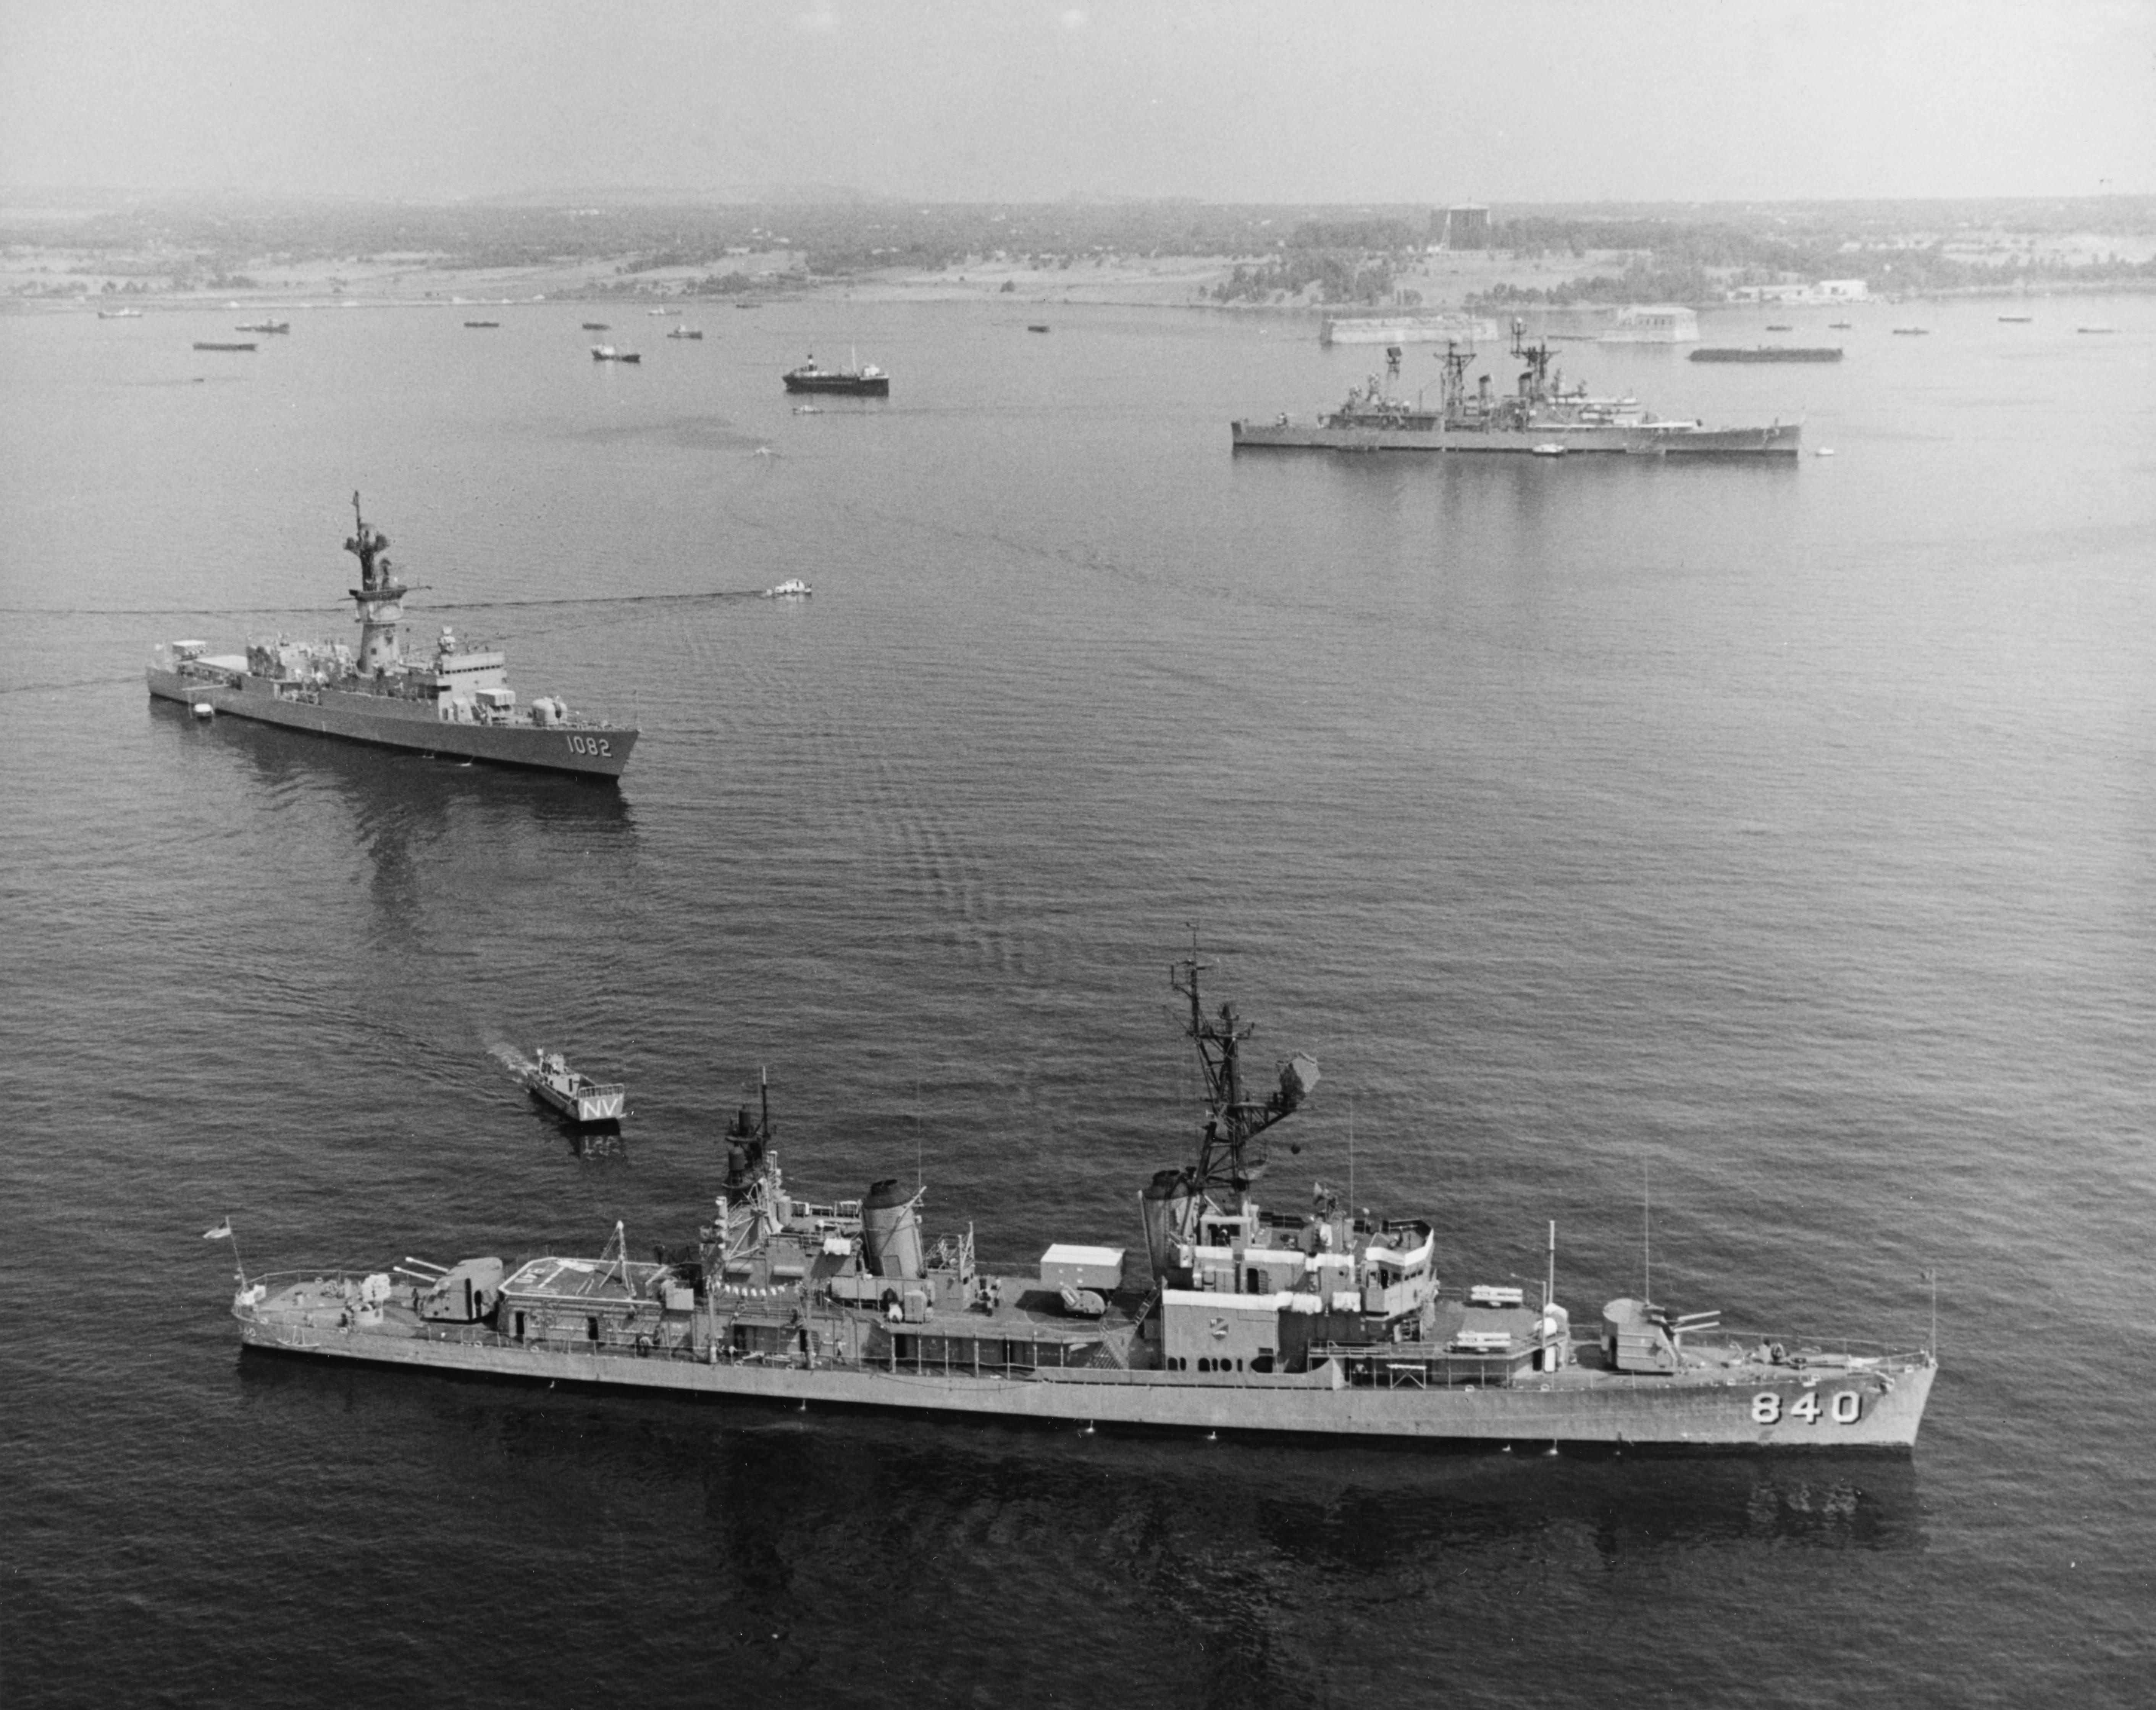 File:USS Glennon (DD-840), USS Elmer Montgomery (DE-